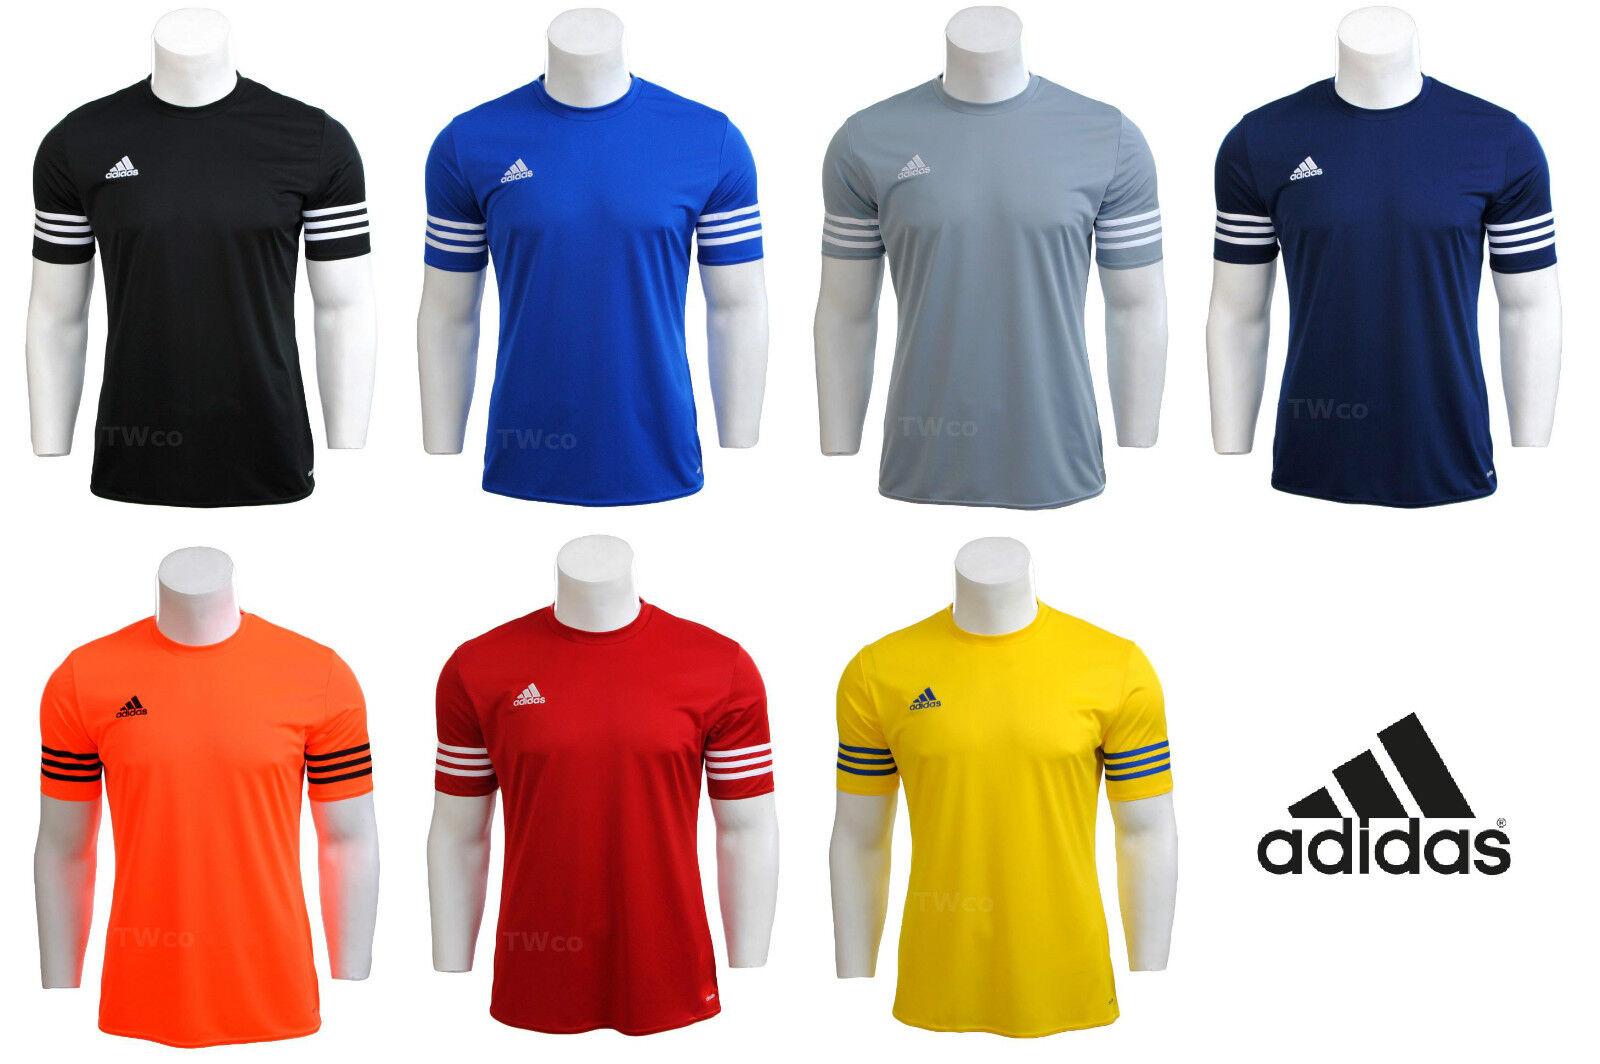 Herren / Jungen Adidas Climalite Crew Training Gym Fußball T-Shirt S M L XL XXL